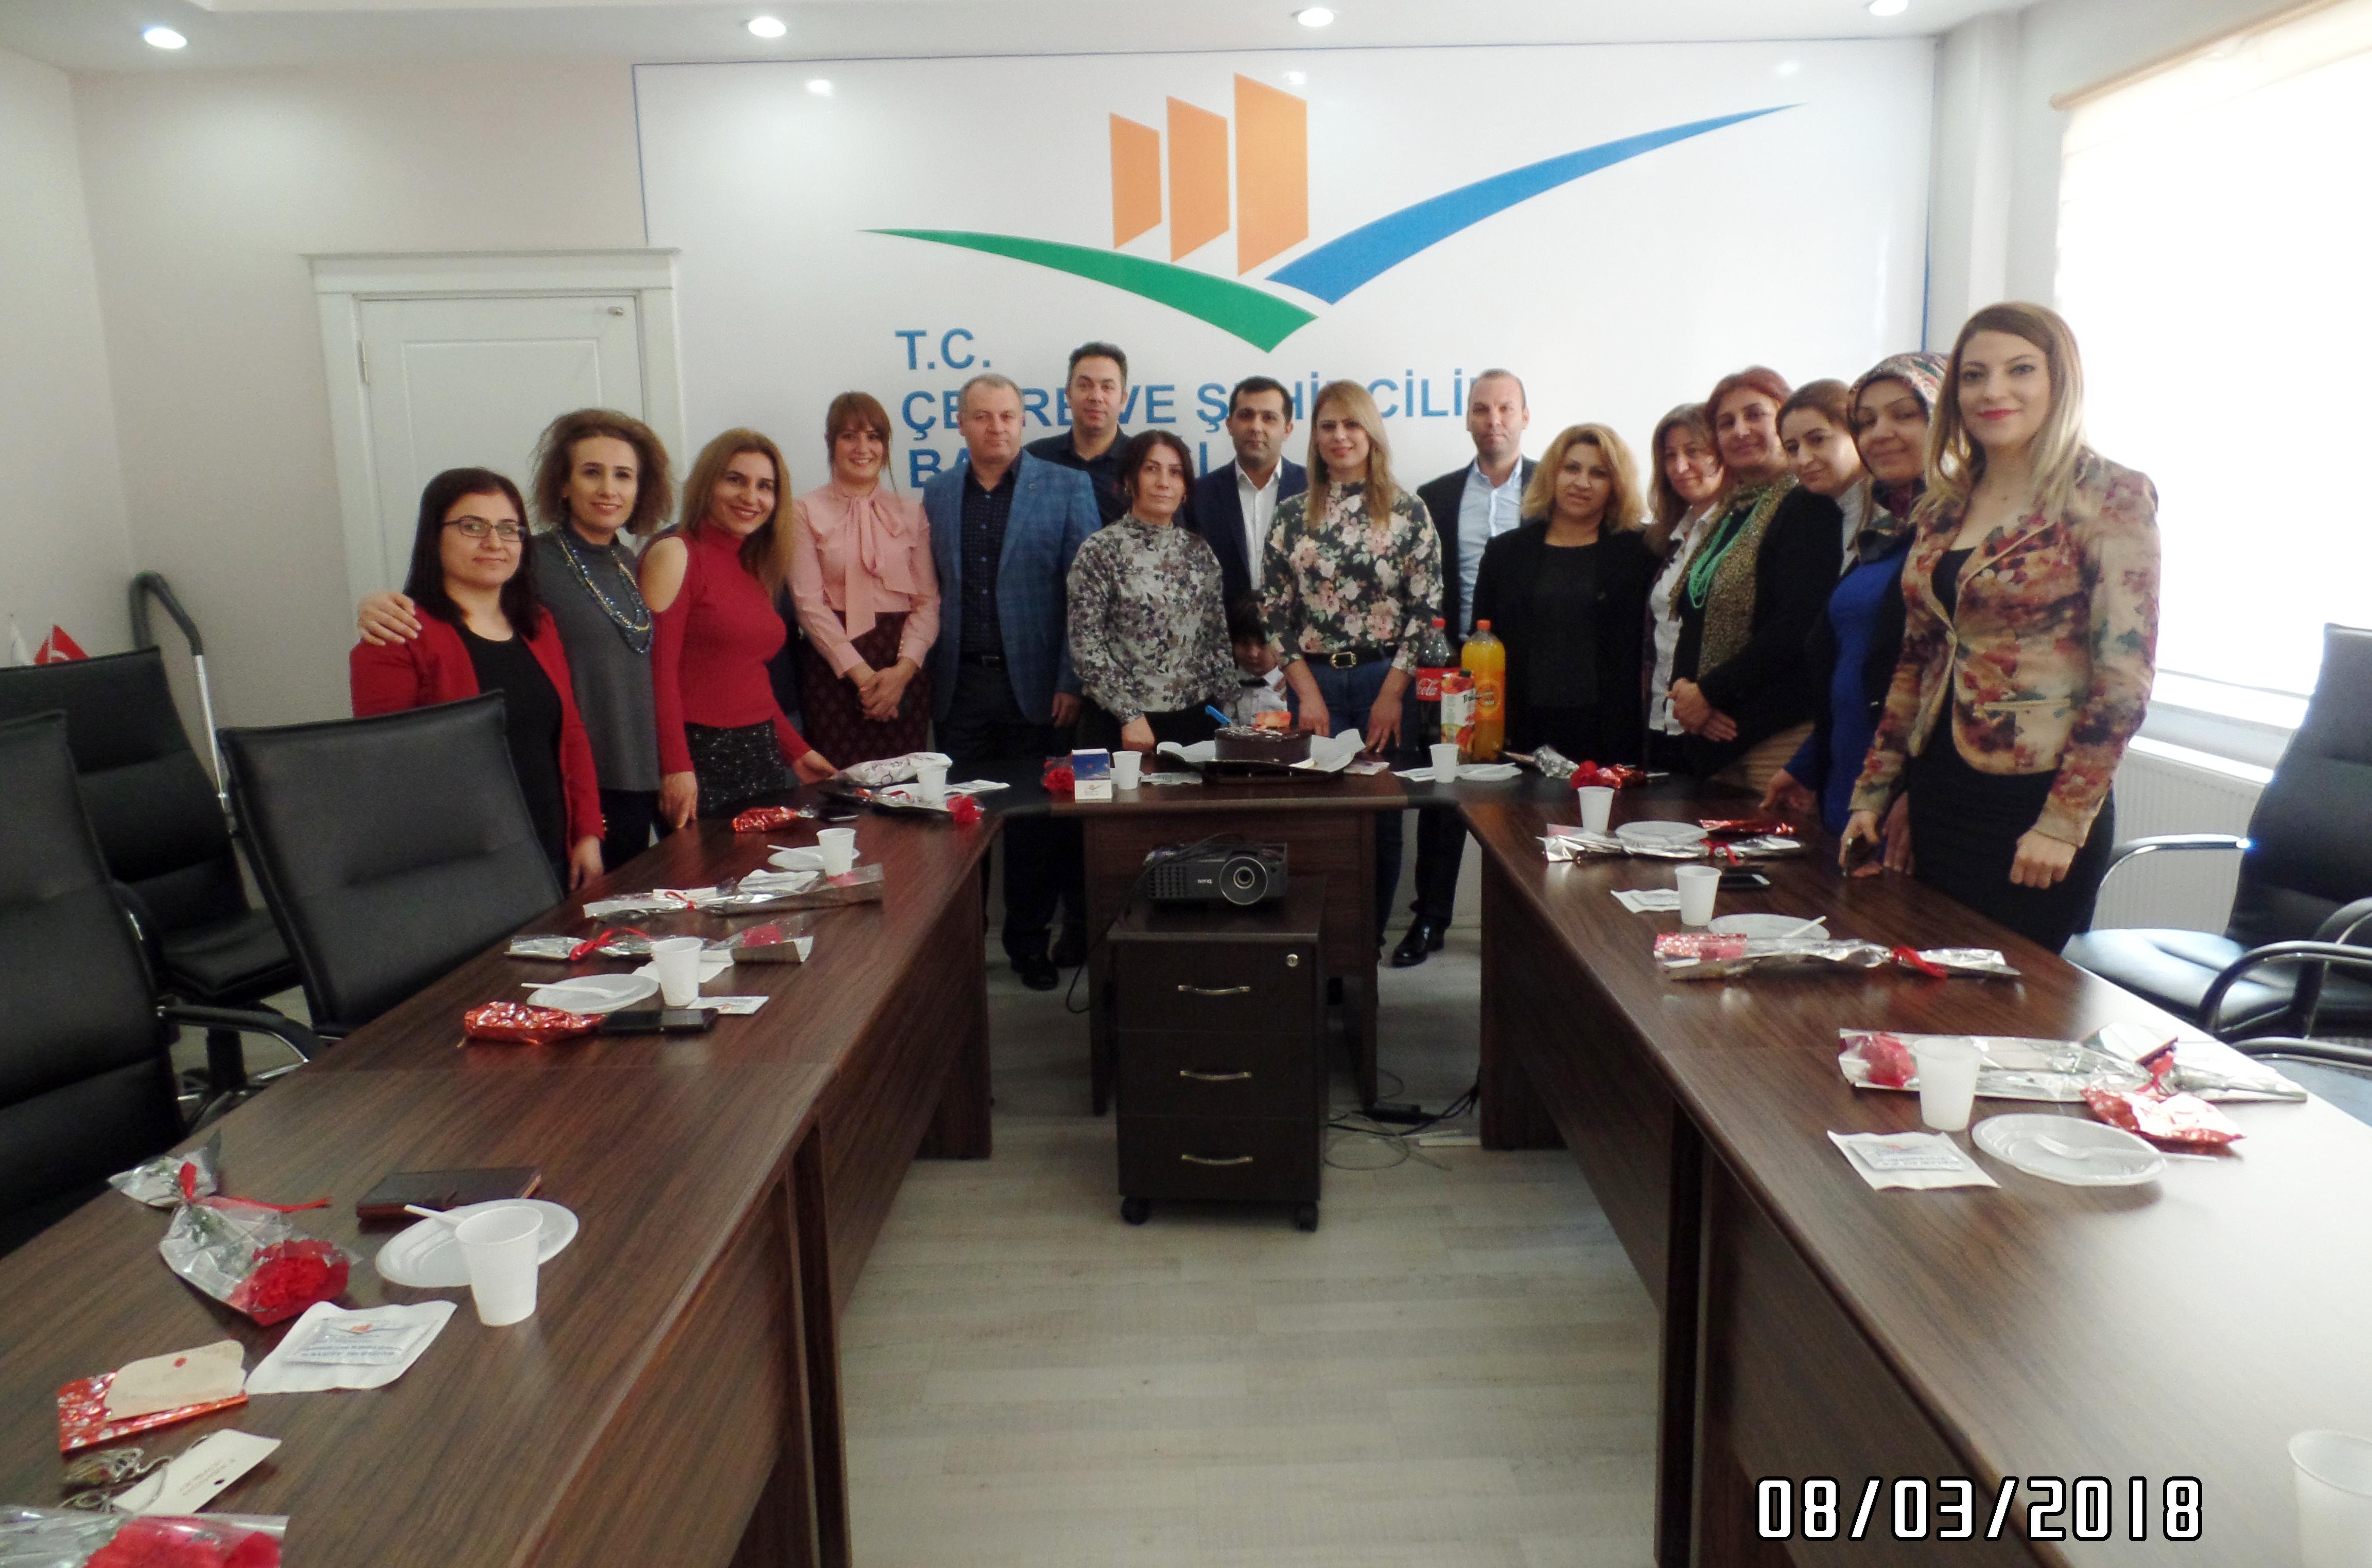 İl Müdürlüğümüzde 8 Mart Dünya Kadınlar Günü Programı Düzenlendi.